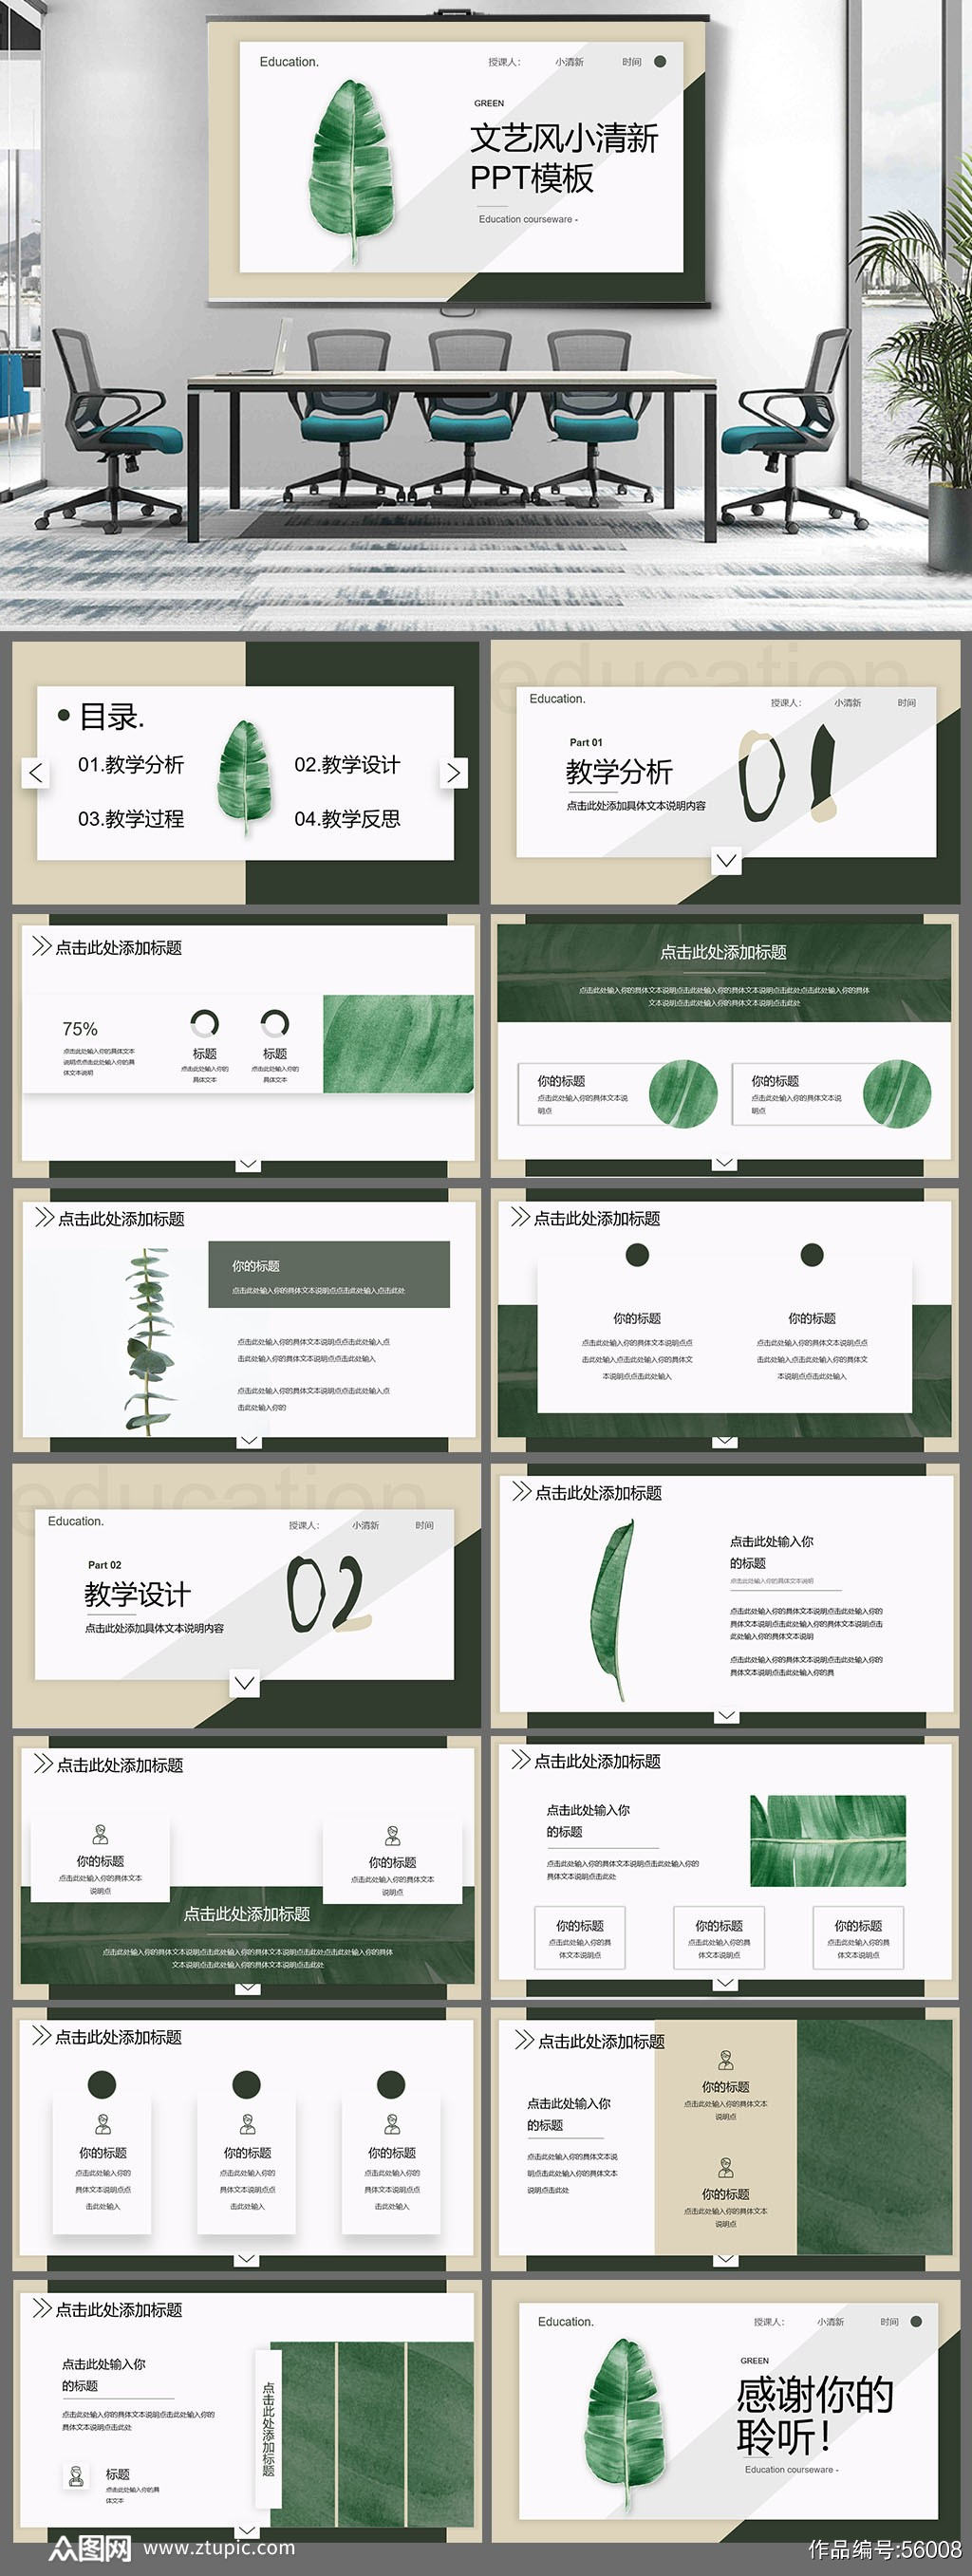 绿叶小清新教学工作总结素材